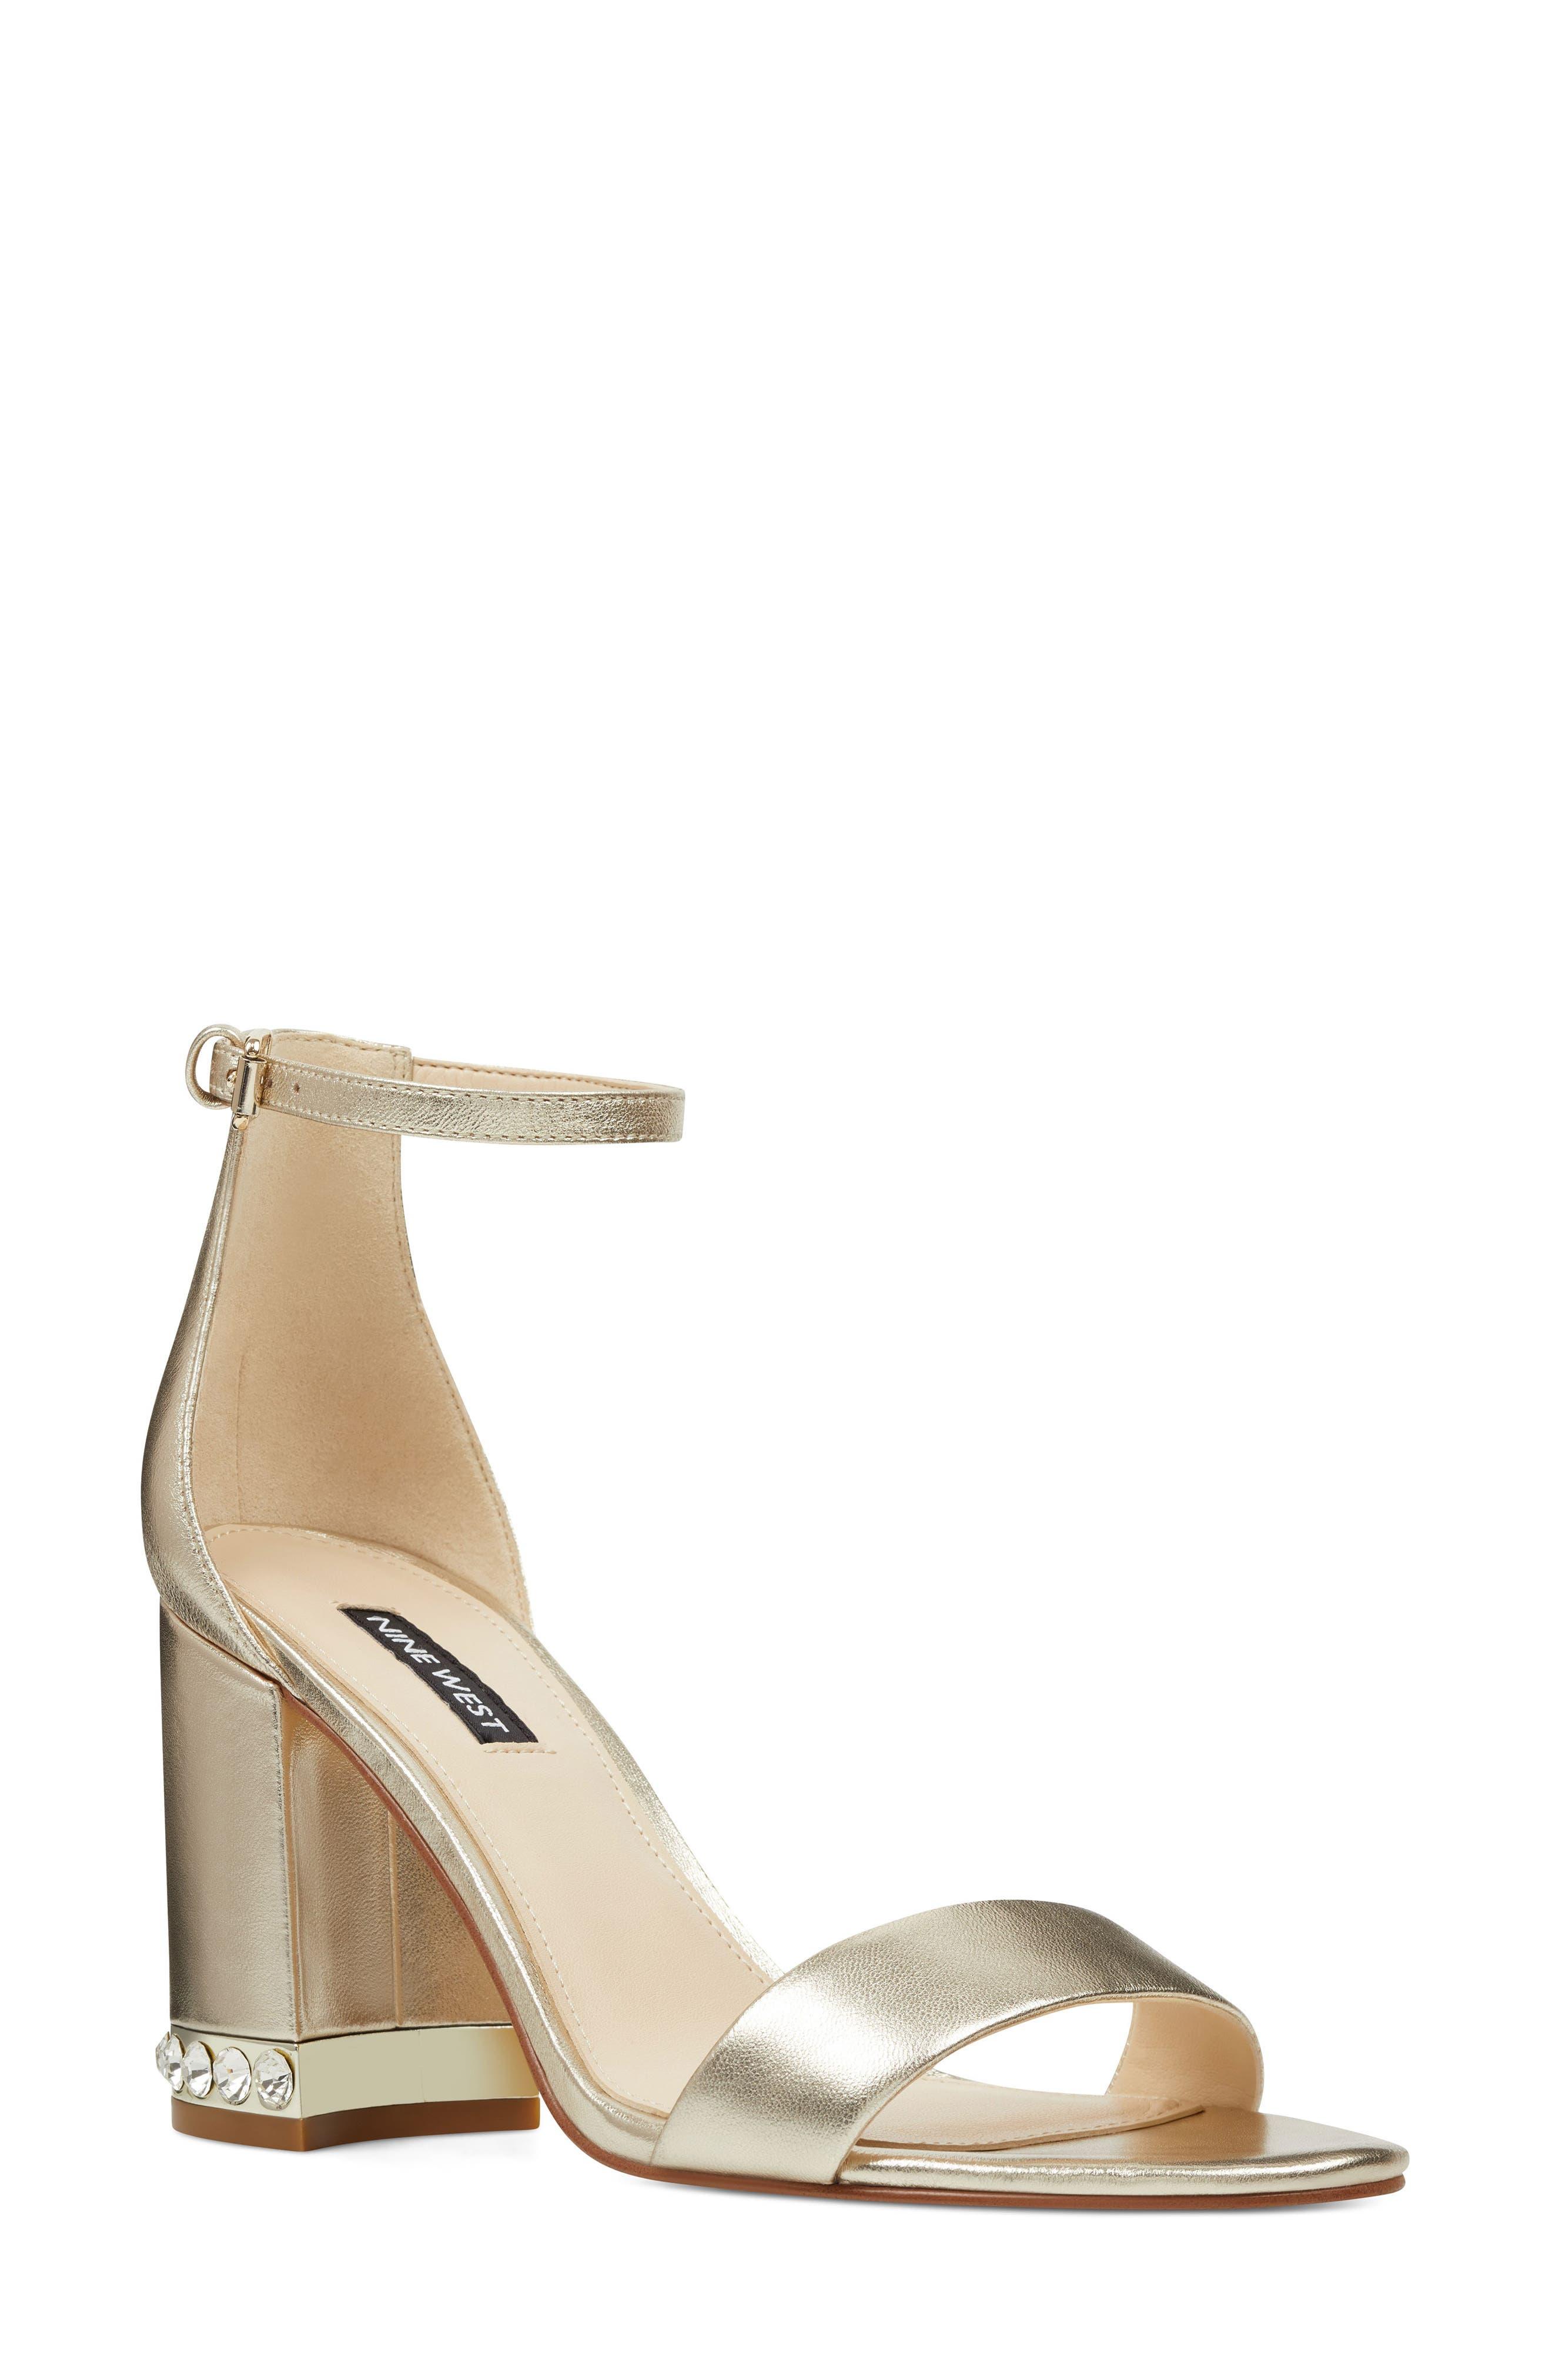 88ab1e0c674 Nine West Abigail Crystal Embellished Ankle Strap Sandal